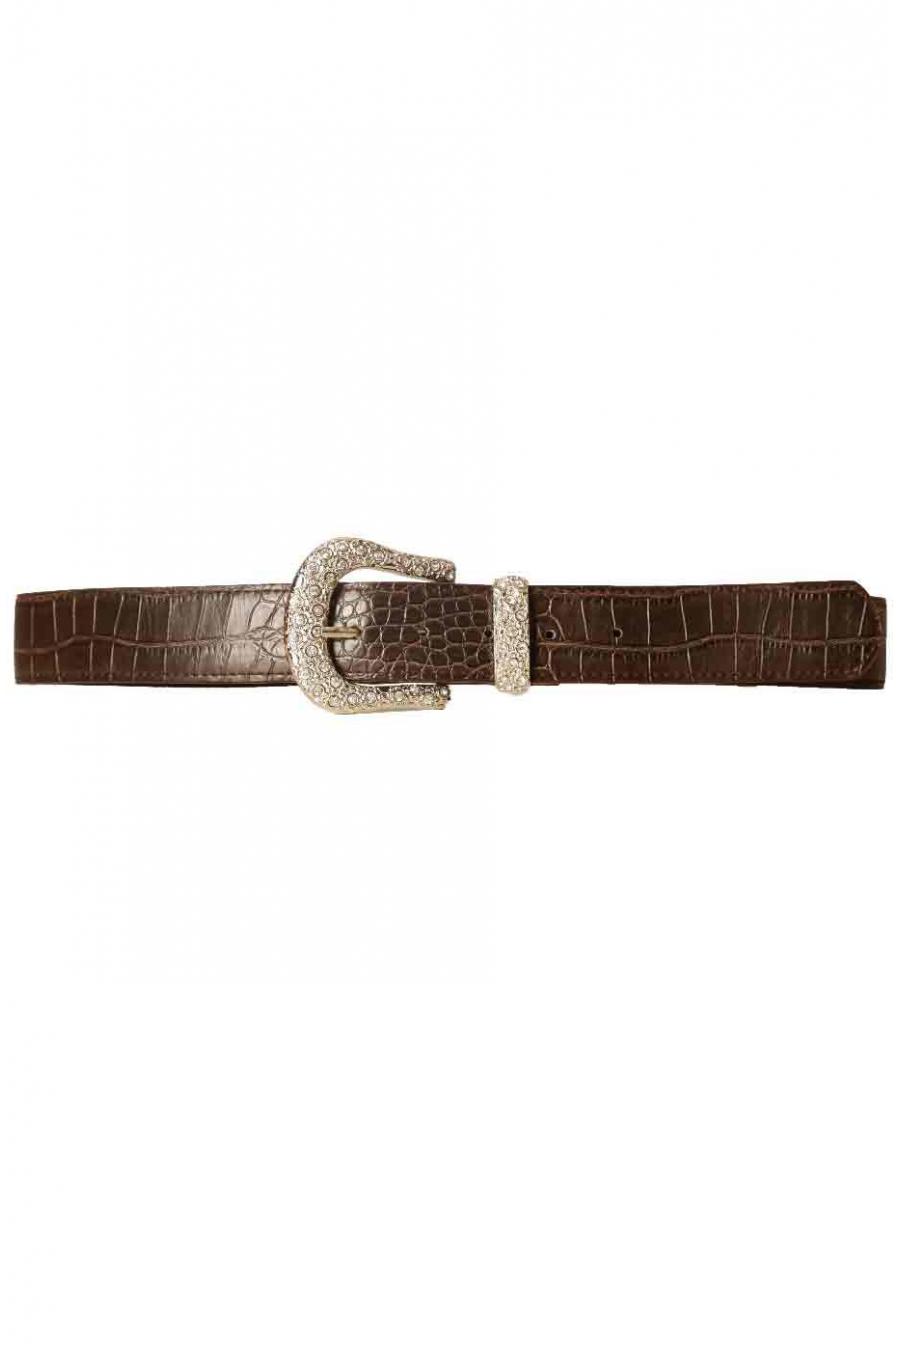 Bruine riem in krokodillenstijl met mooie gesp van strass D7288